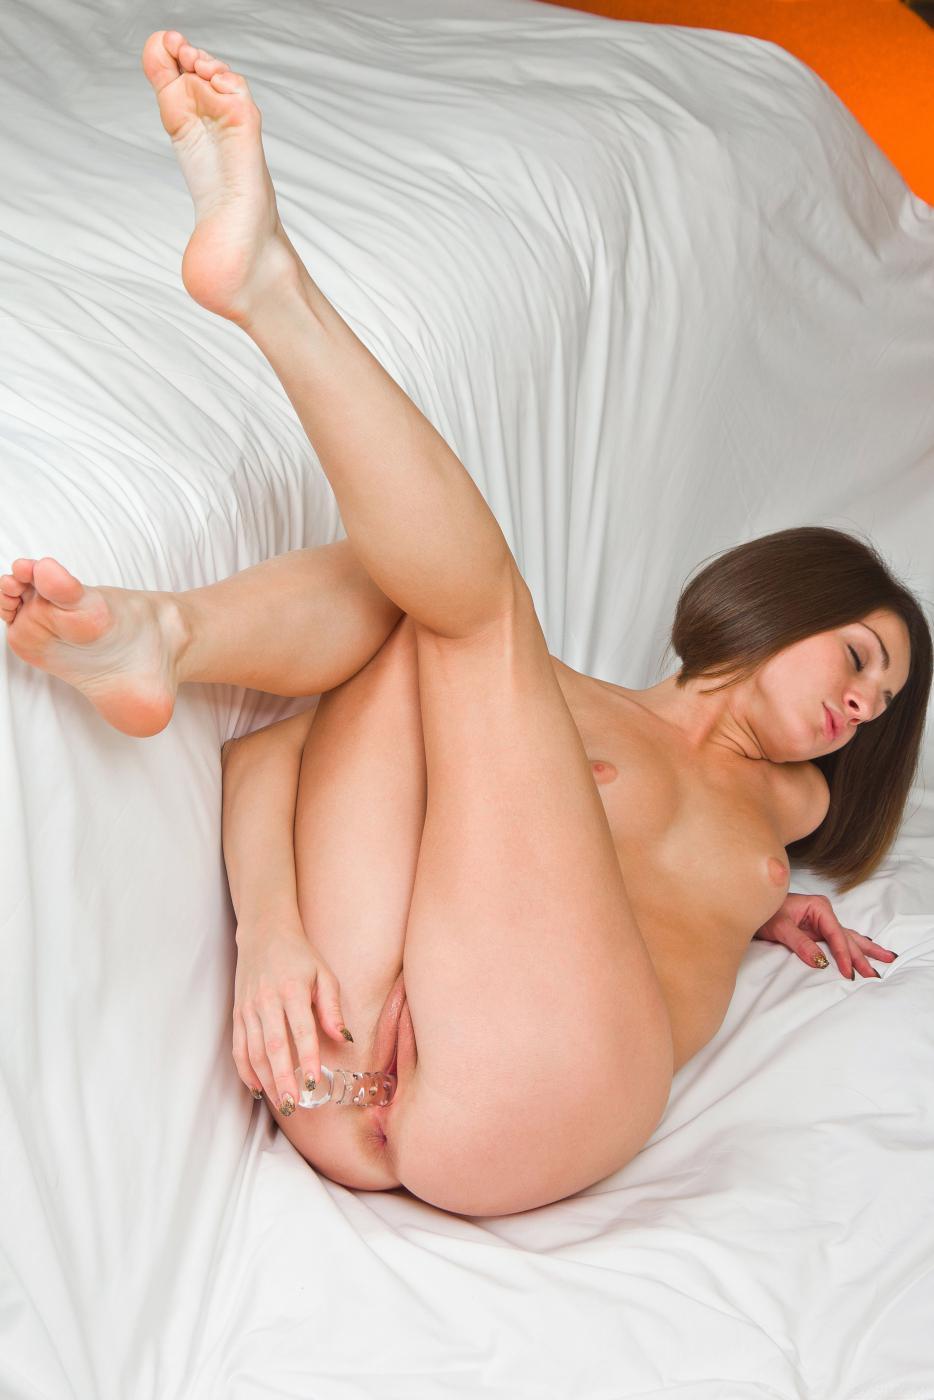 Невероятно горячая и сексуальная брюнетка Susana C трахает игрушкой свою киску до оргазма